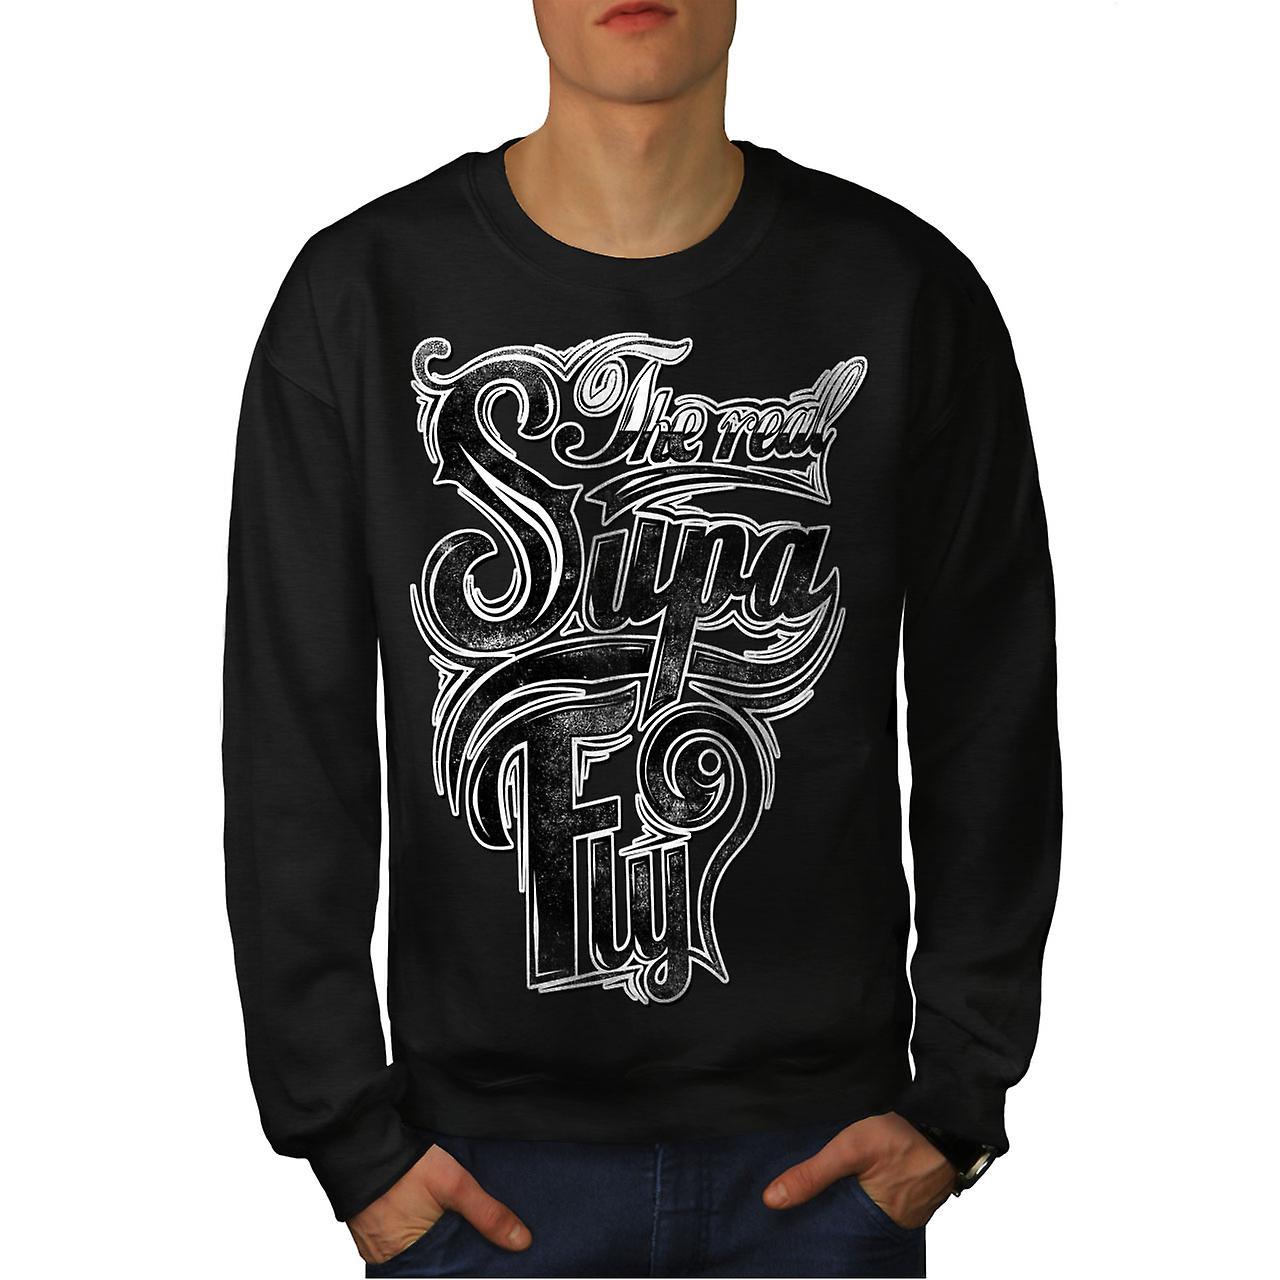 Real Supa Fly Cool Slogan Men Black Sweatshirt | Wellcoda